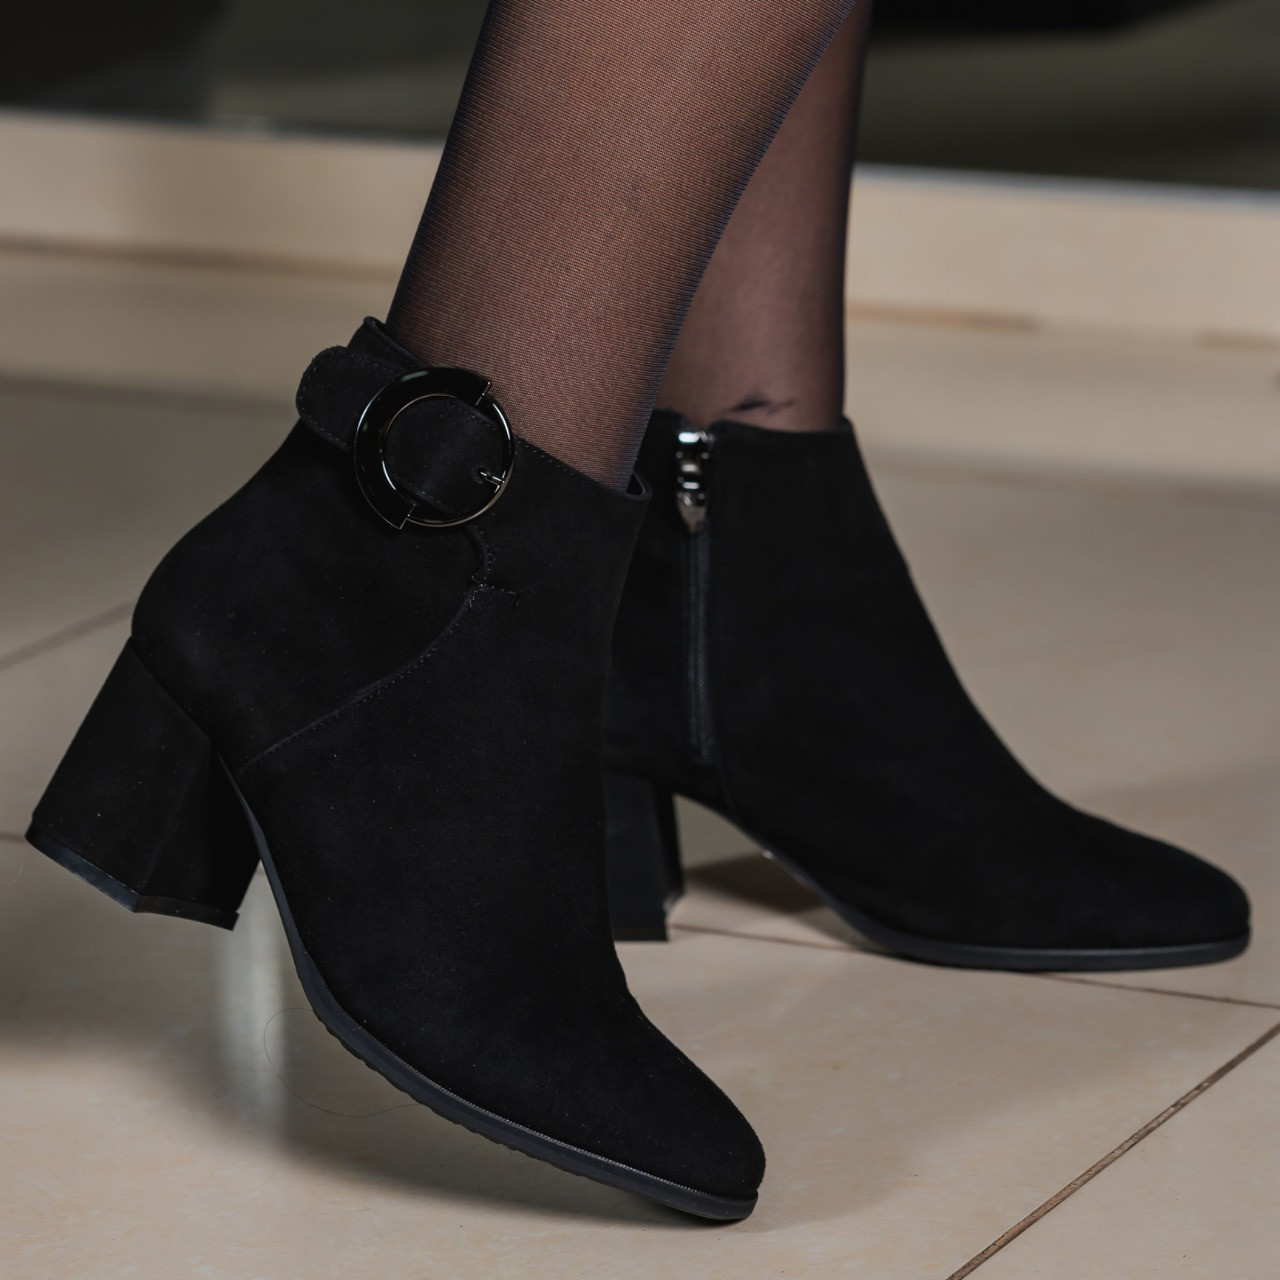 Женские замшевые ботинки черные на каблуке байка весение Италия